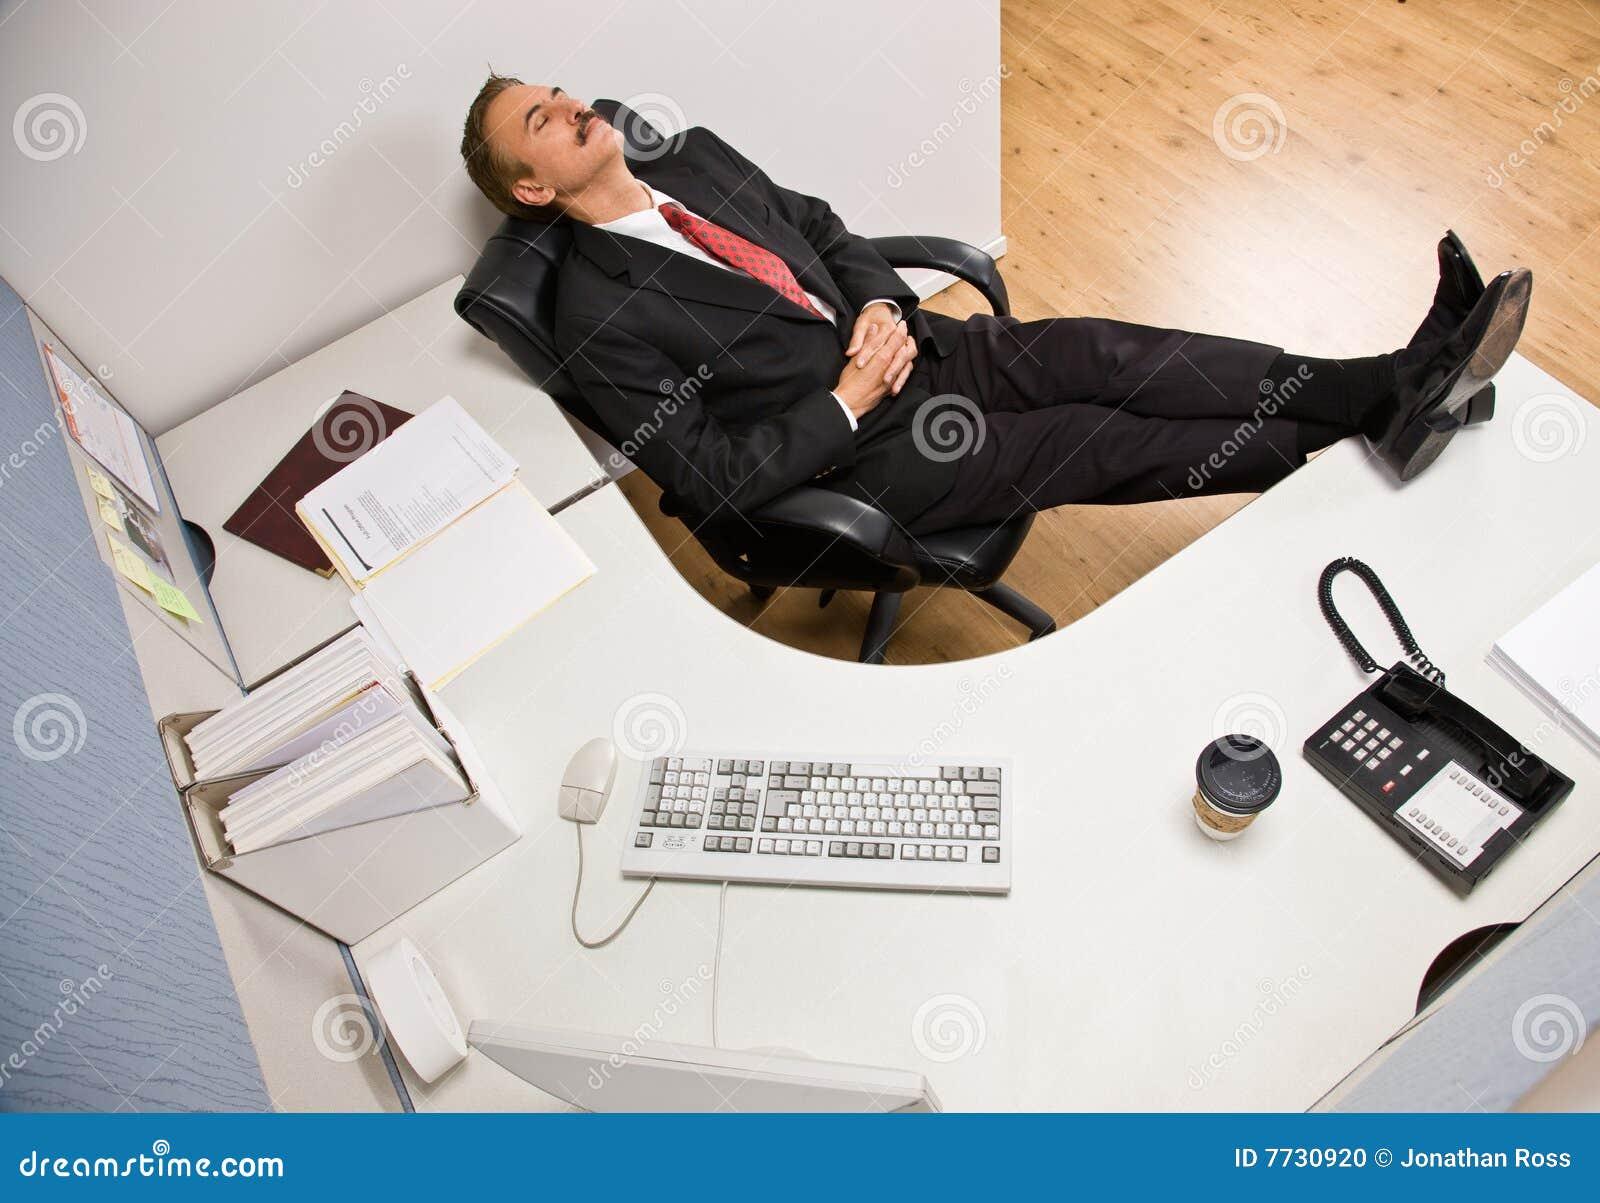 Gesch ftsmann der am schreibtisch mit f en oben schl ft for Schreibtisch von oben